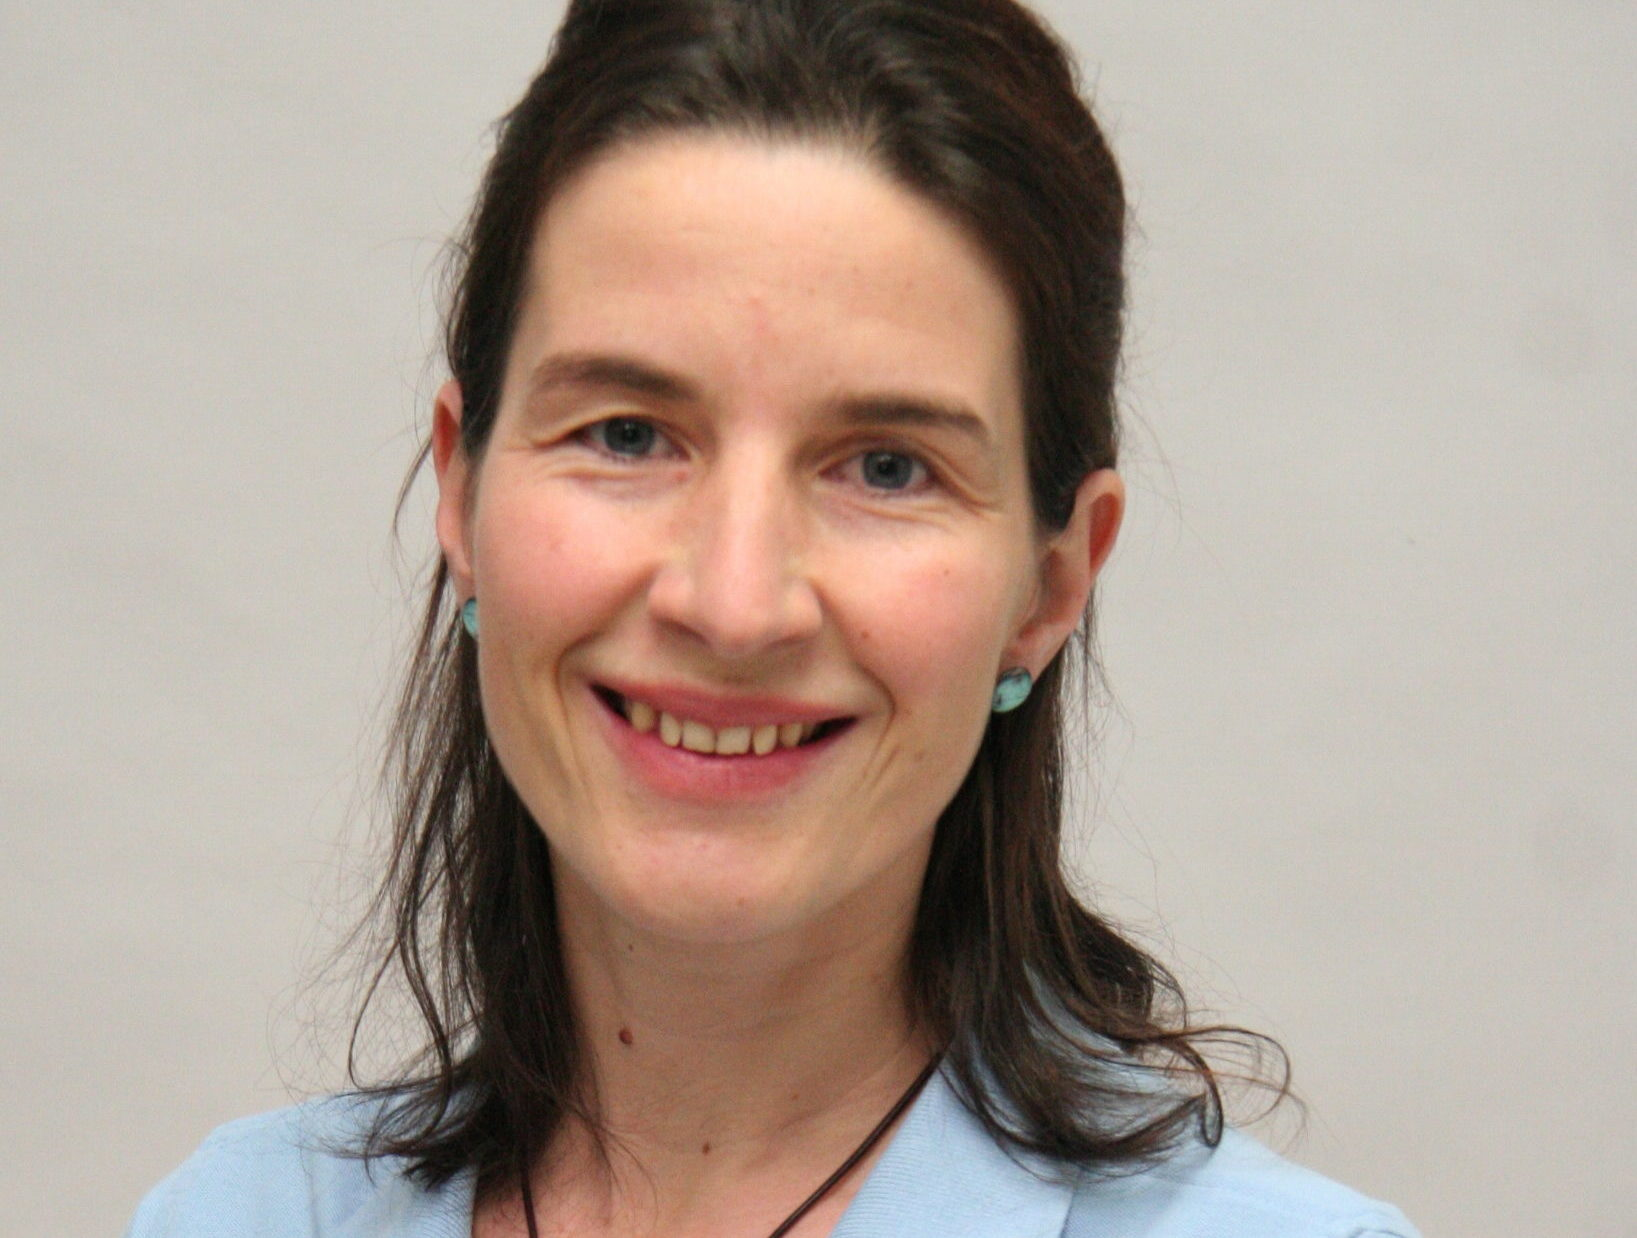 Katrin Grychta